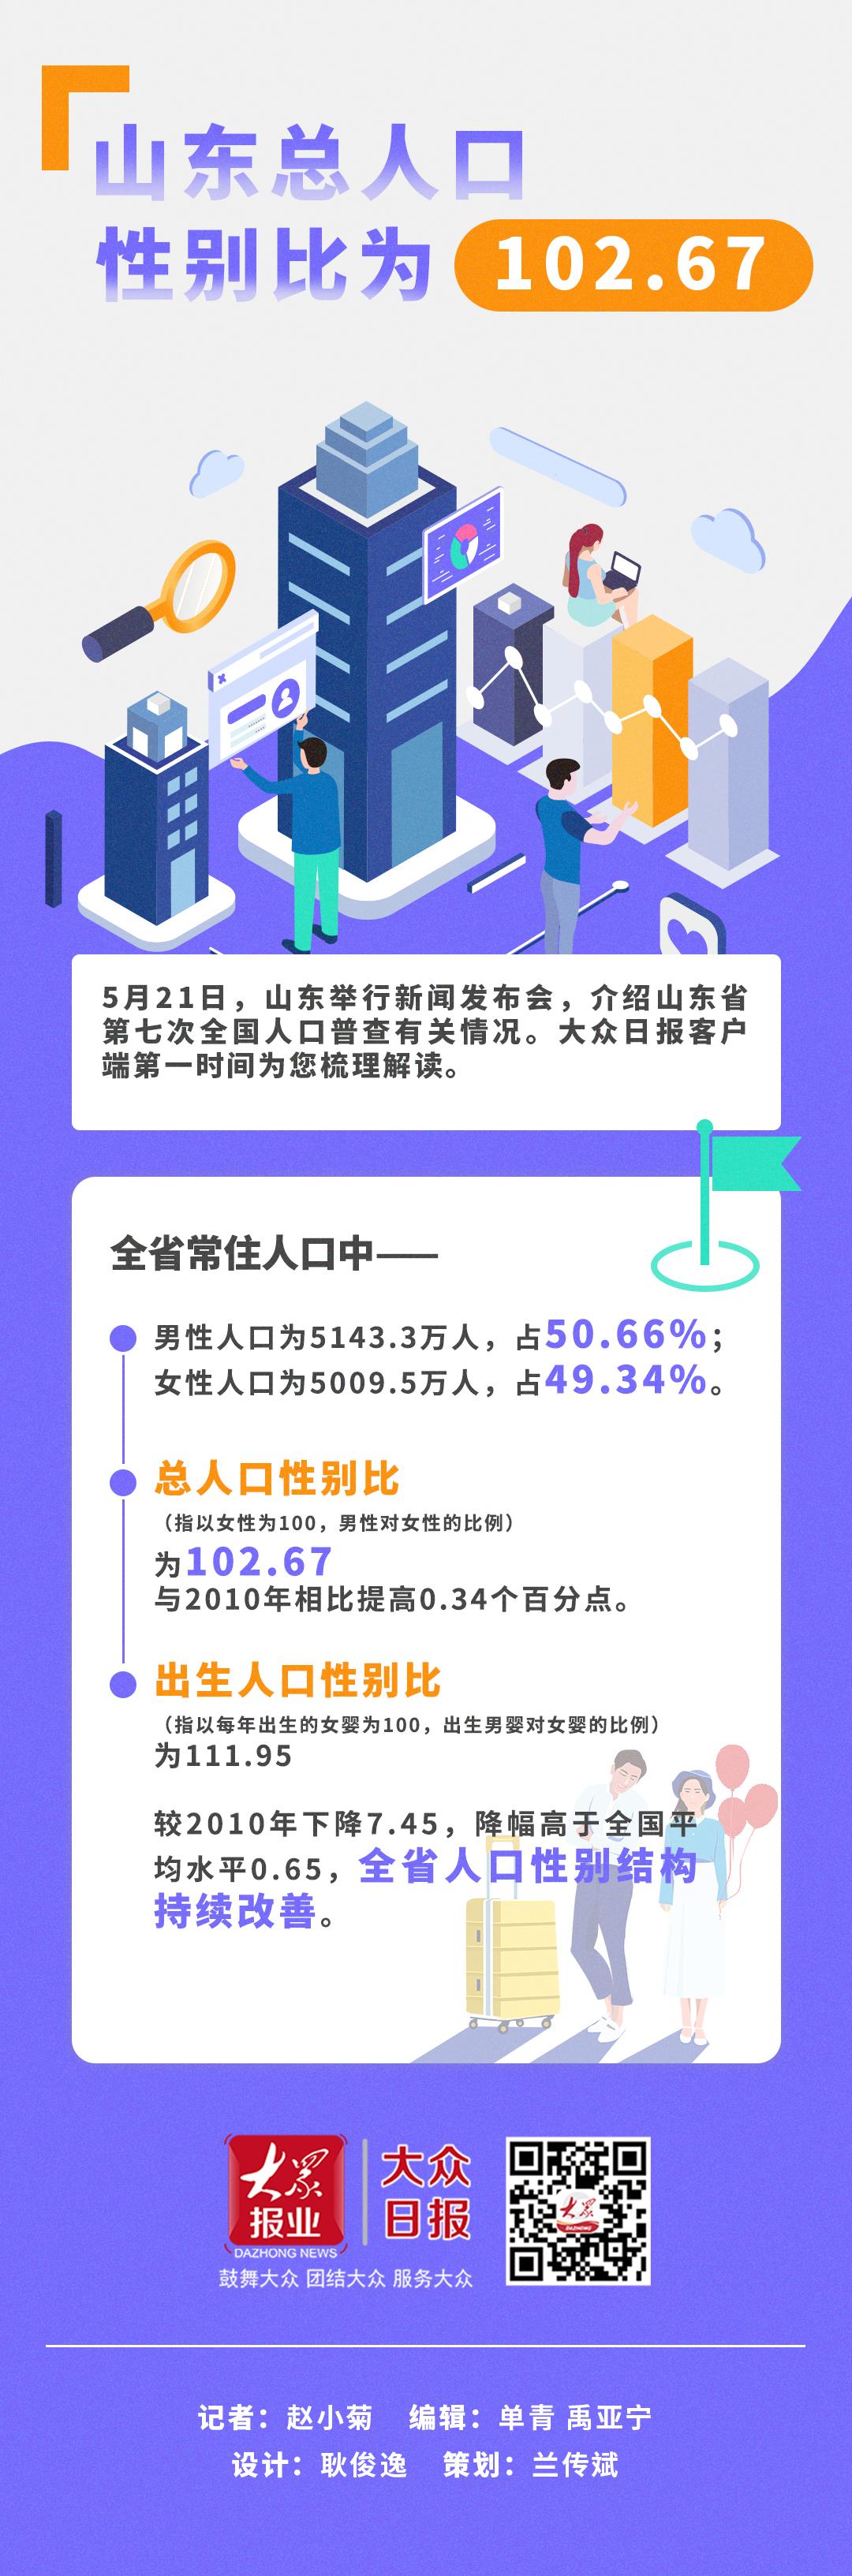 山东总人口_答记者问丨山东10年人口增长5.99%总人口性别比为102.67结构合理